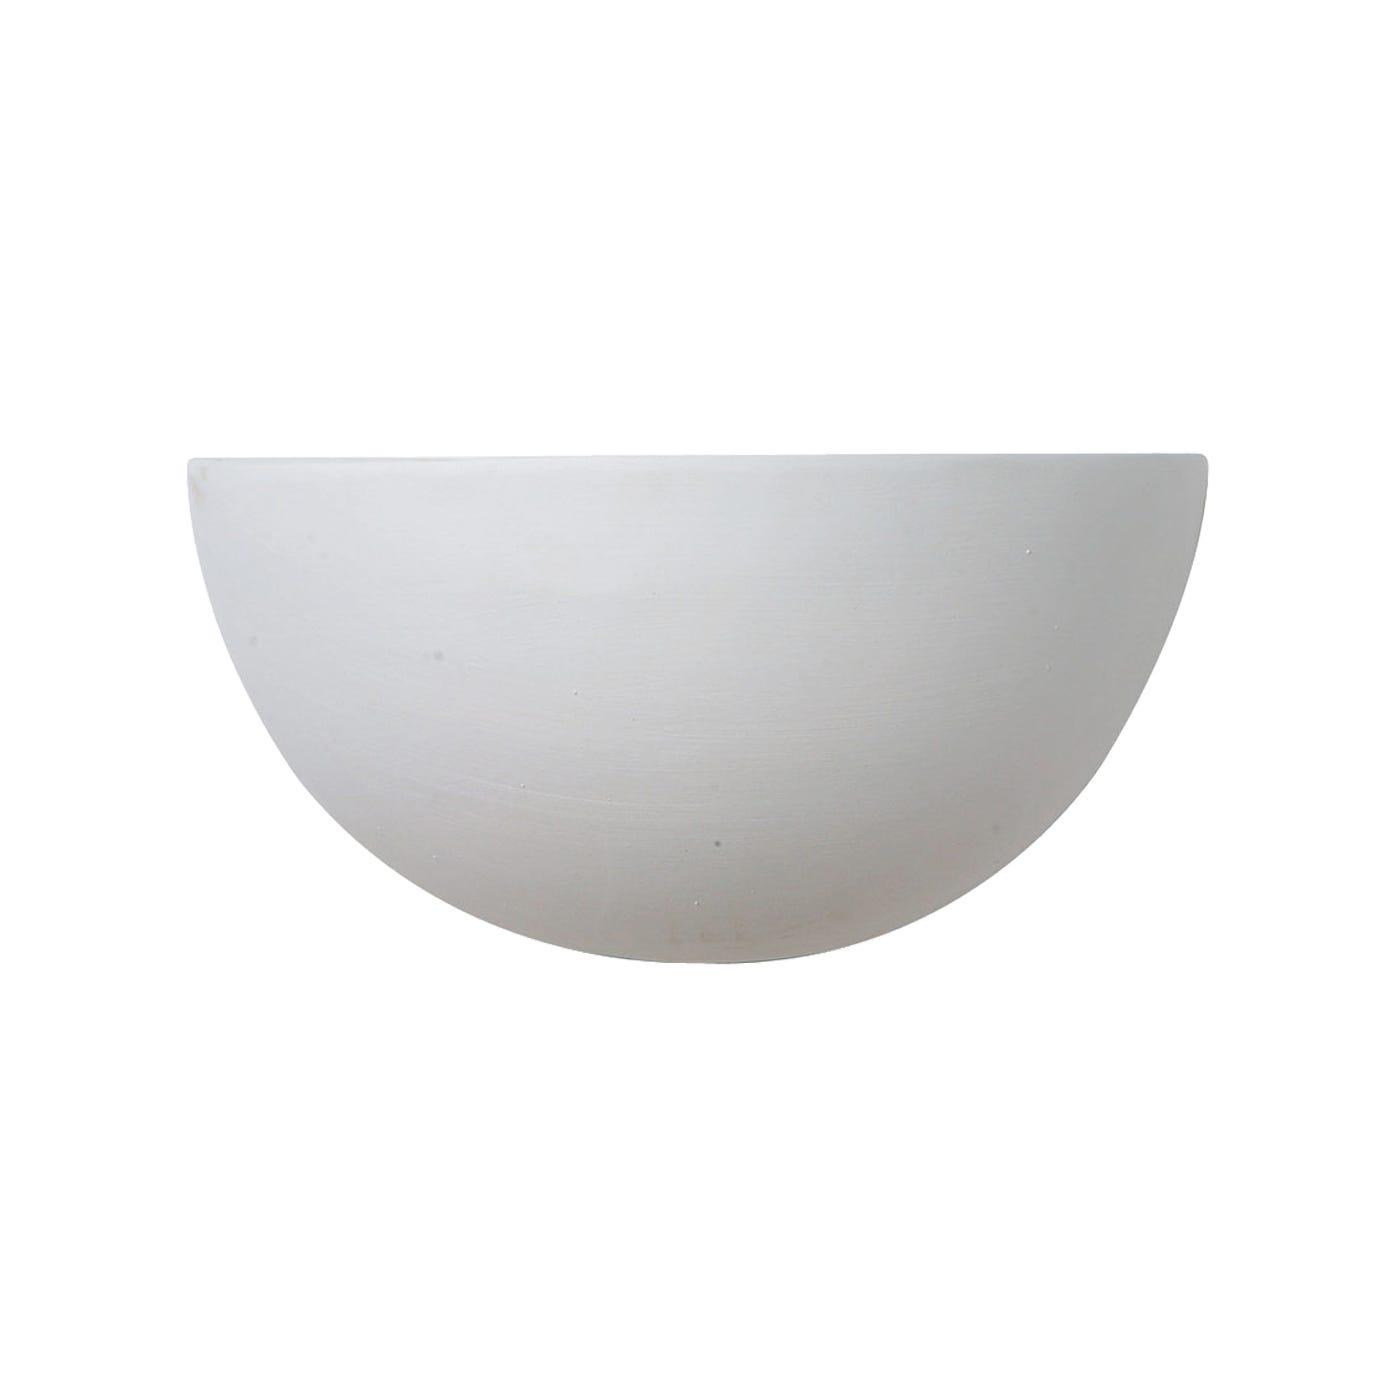 Kastoria 7376 Ceramic Wall Light White